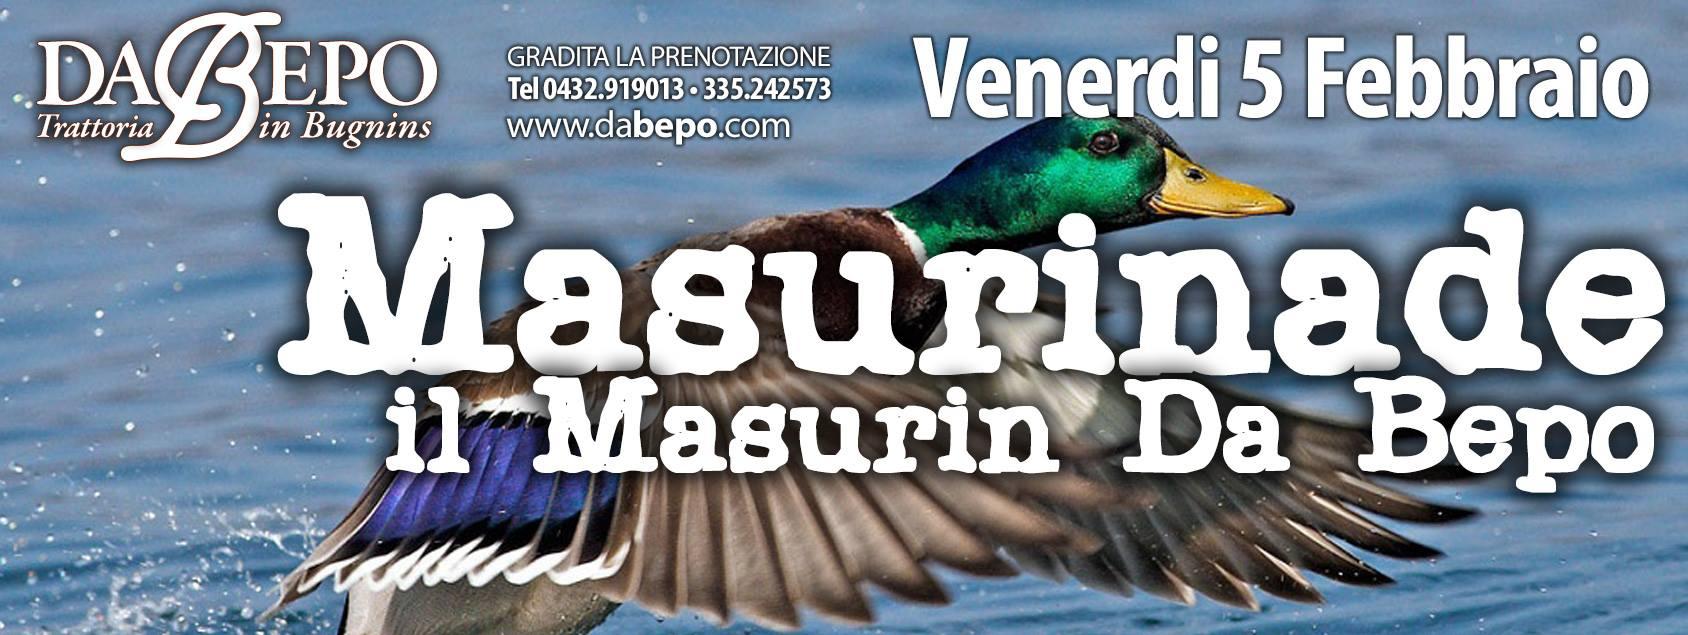 12622465 958741607512417 6075469610860592762 o 05.02.2016   LA MASURINADE, a cena col Masurin. Trattoria Da Bepo Bugnins